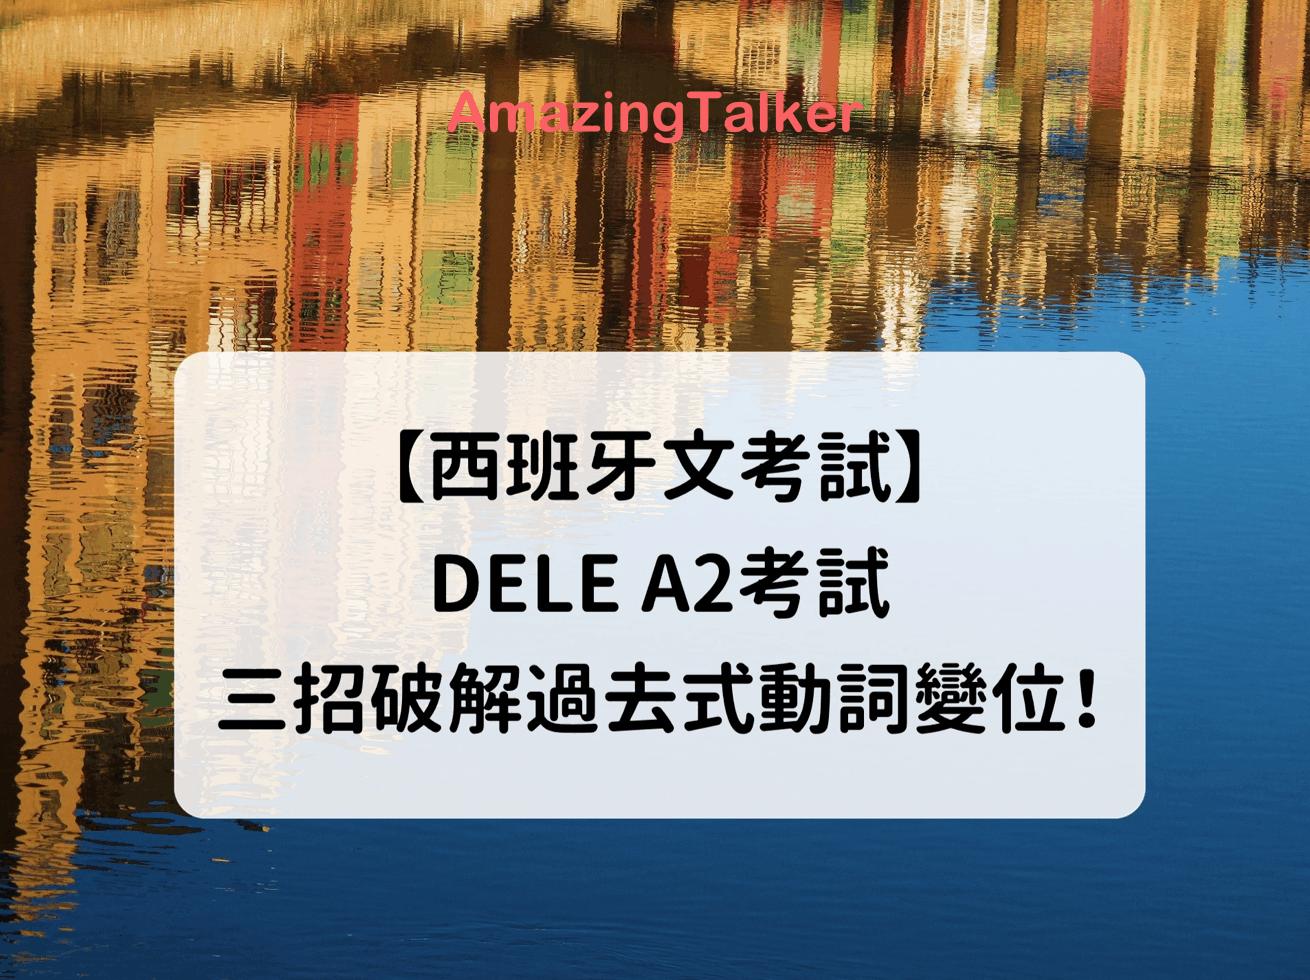 【西班牙文考試】DELE A2考試,三招破解過去式動詞變位!